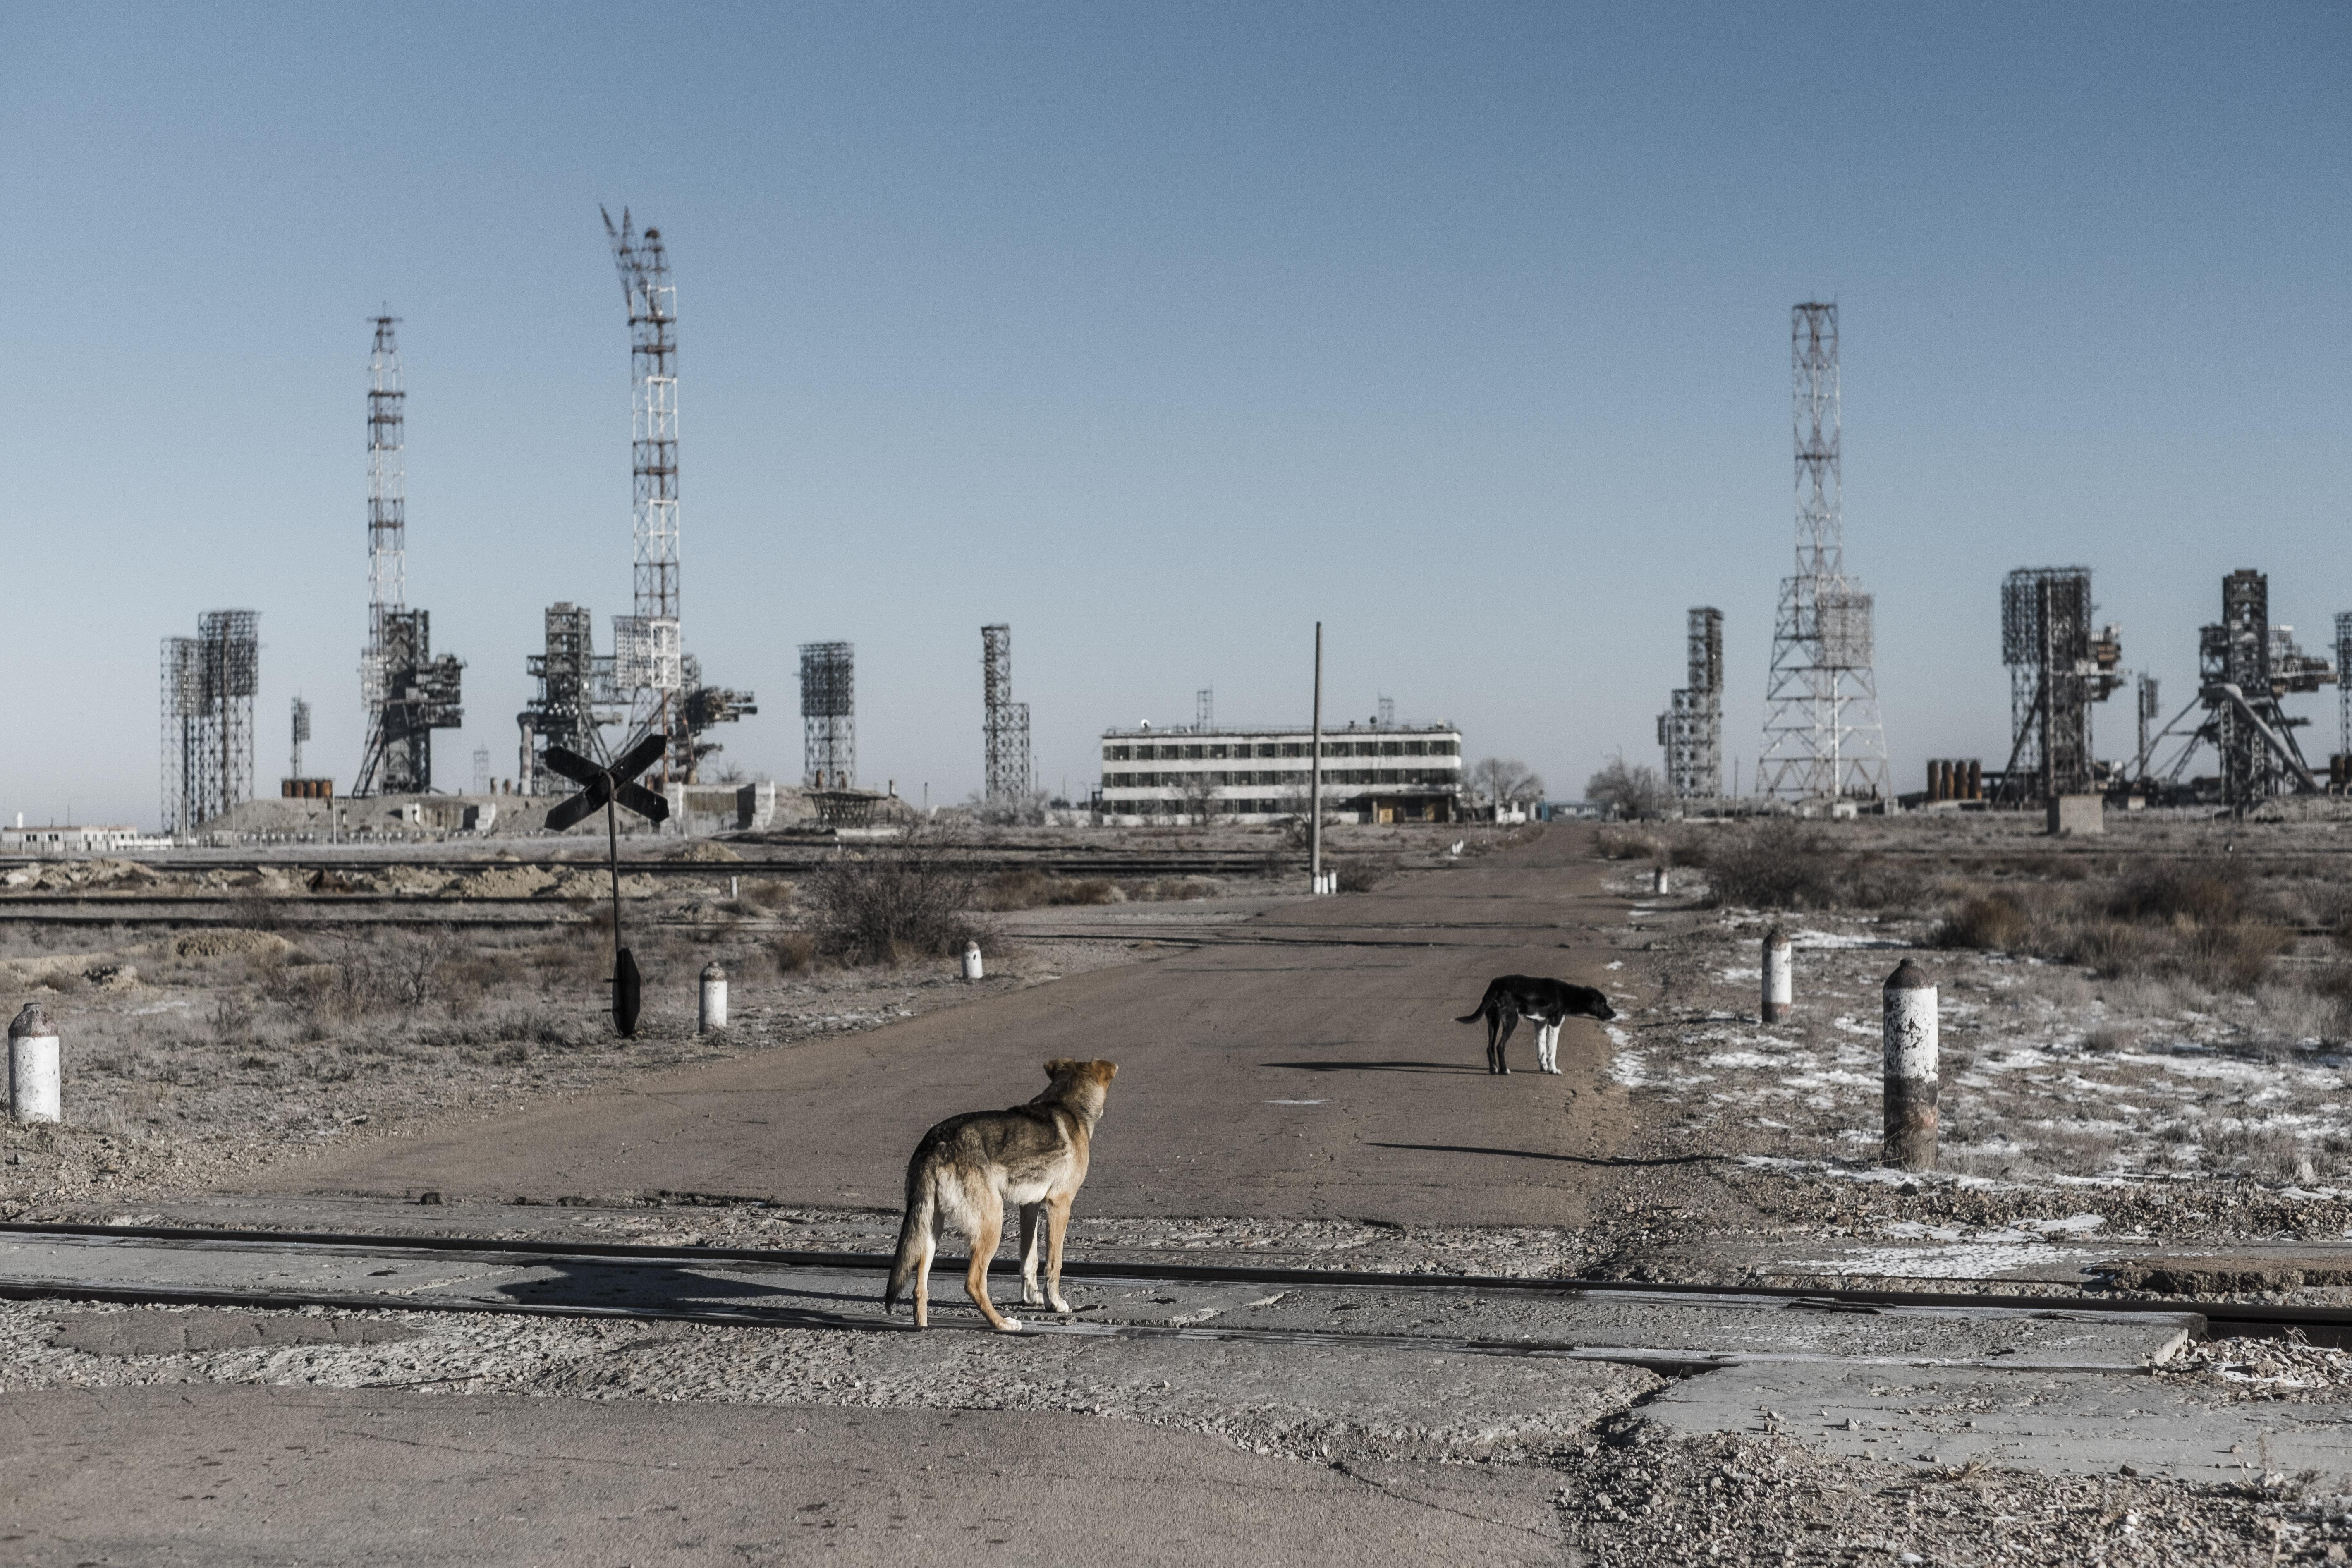 Parte de las instalaciones de lanzamiento. (Maxim Babenko/The New York Times)